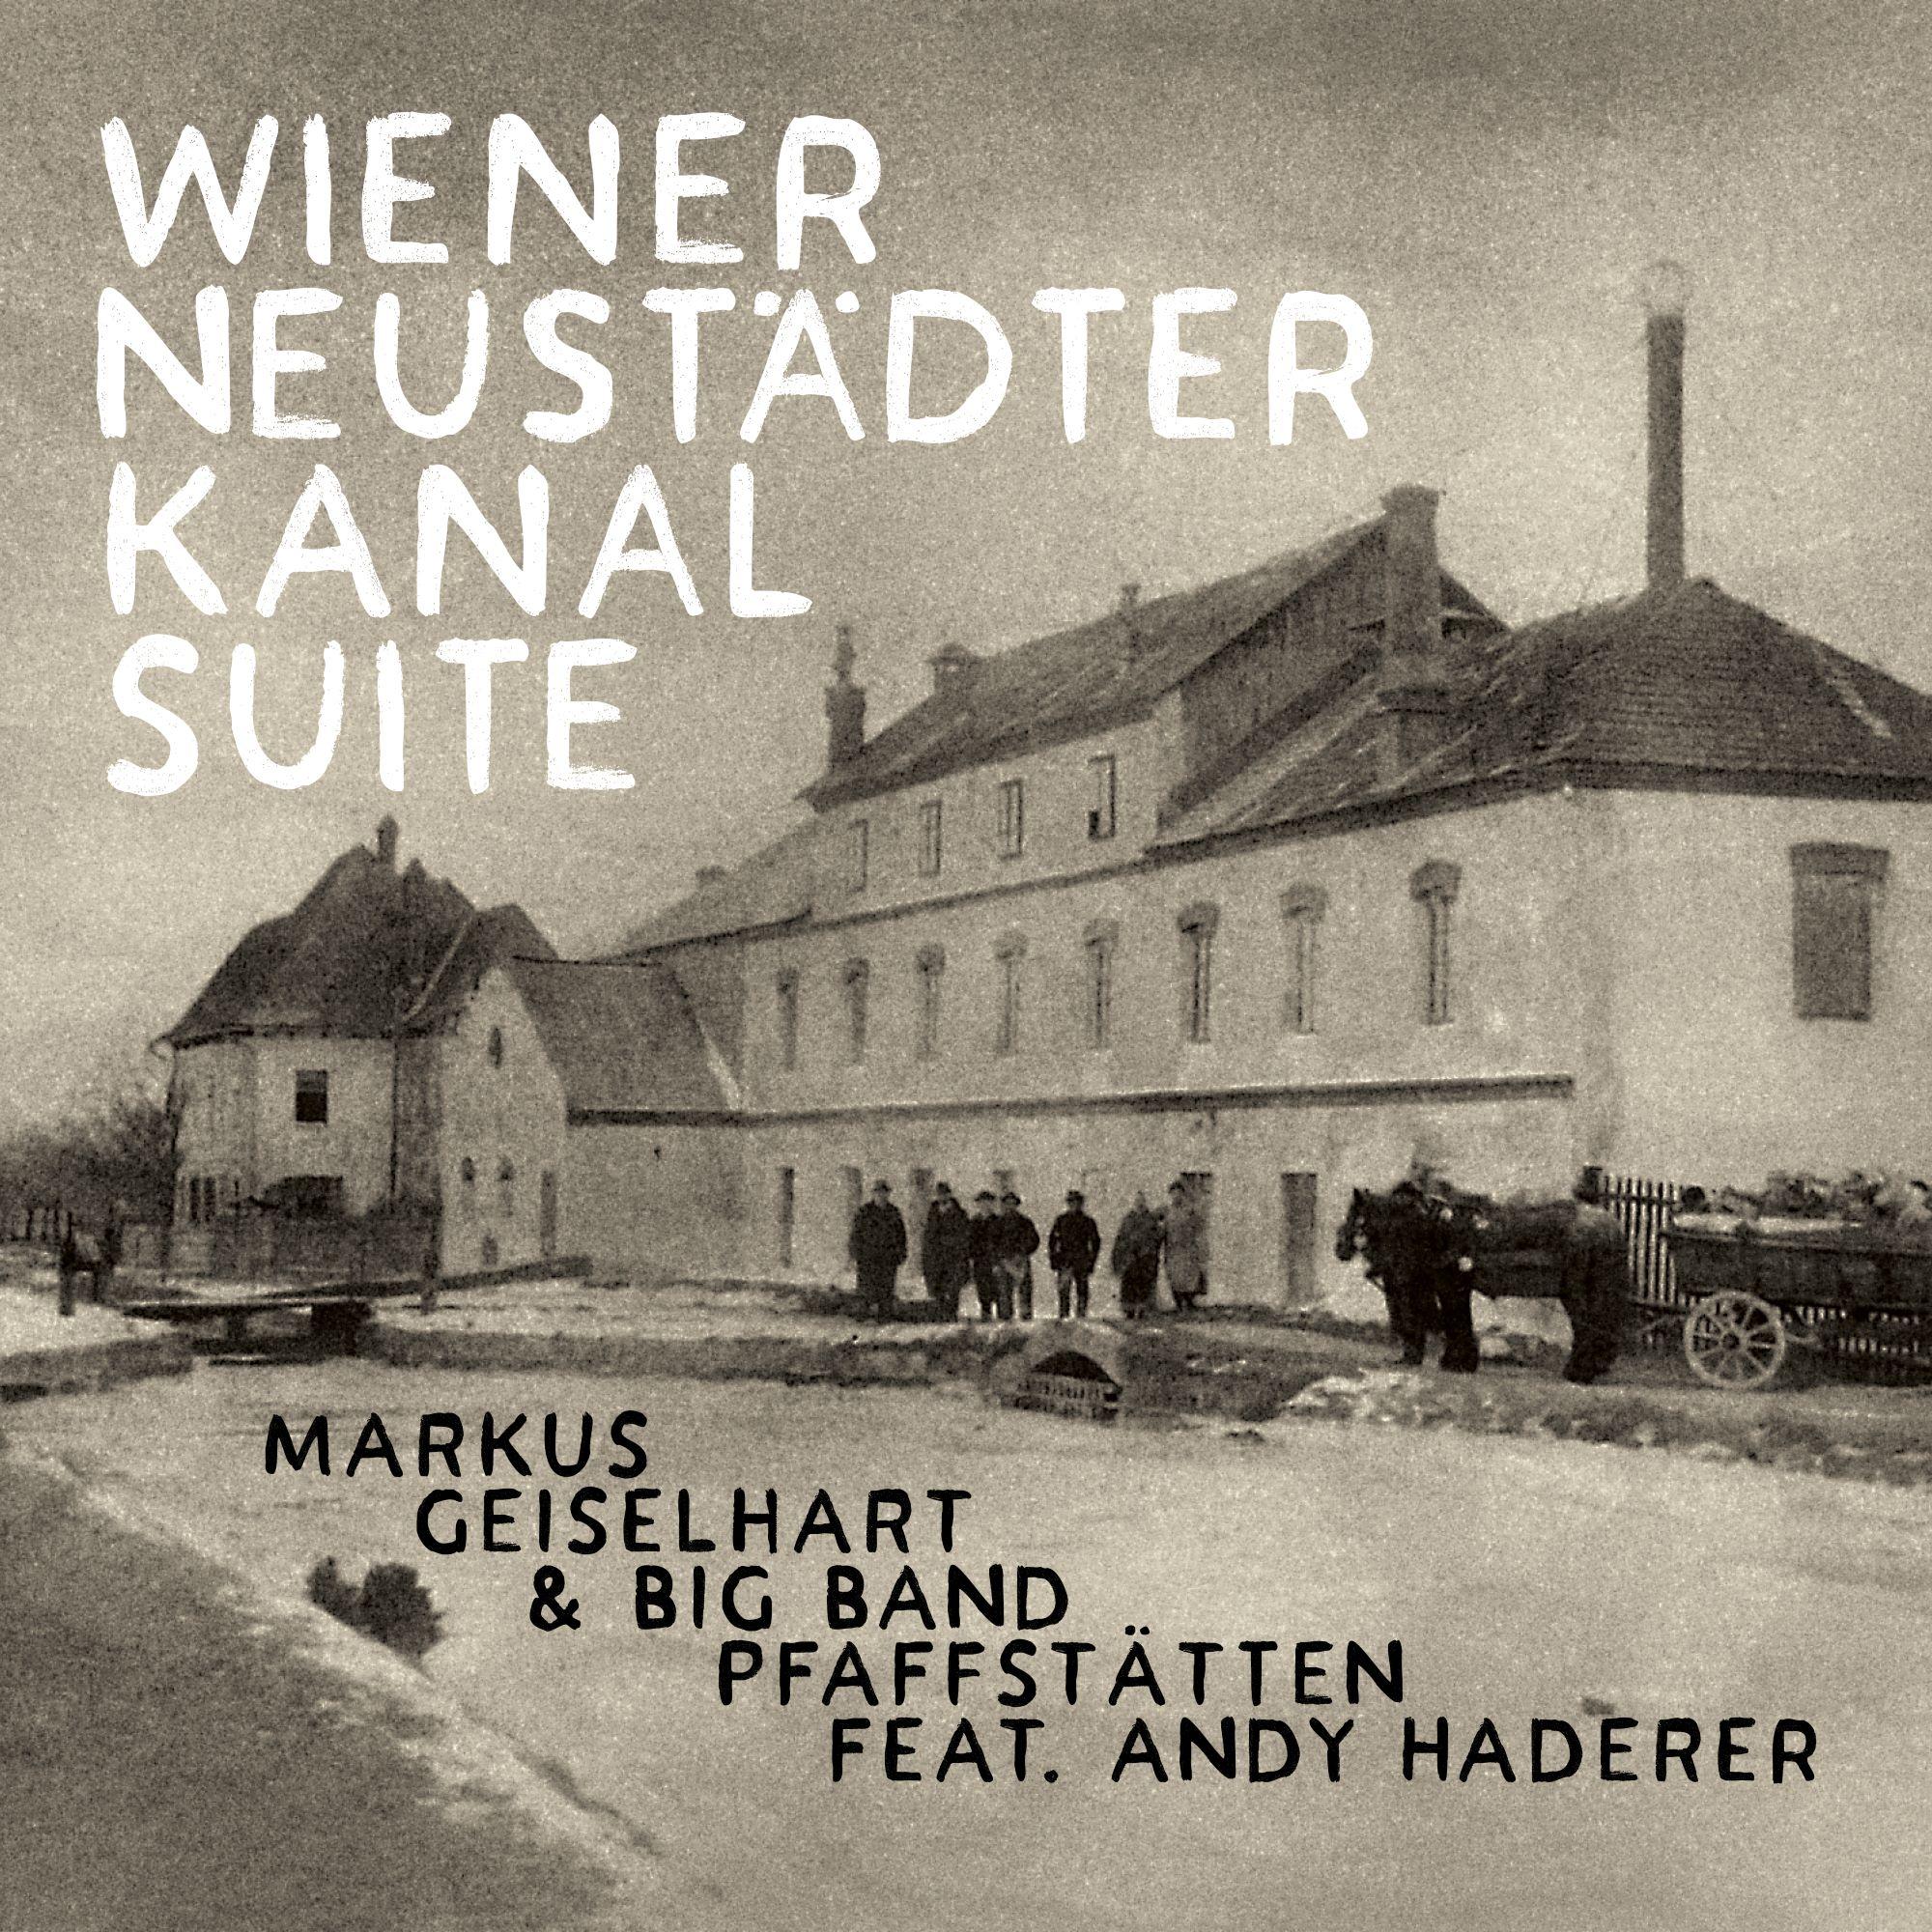 Wiener Neustädter Kanal Suite